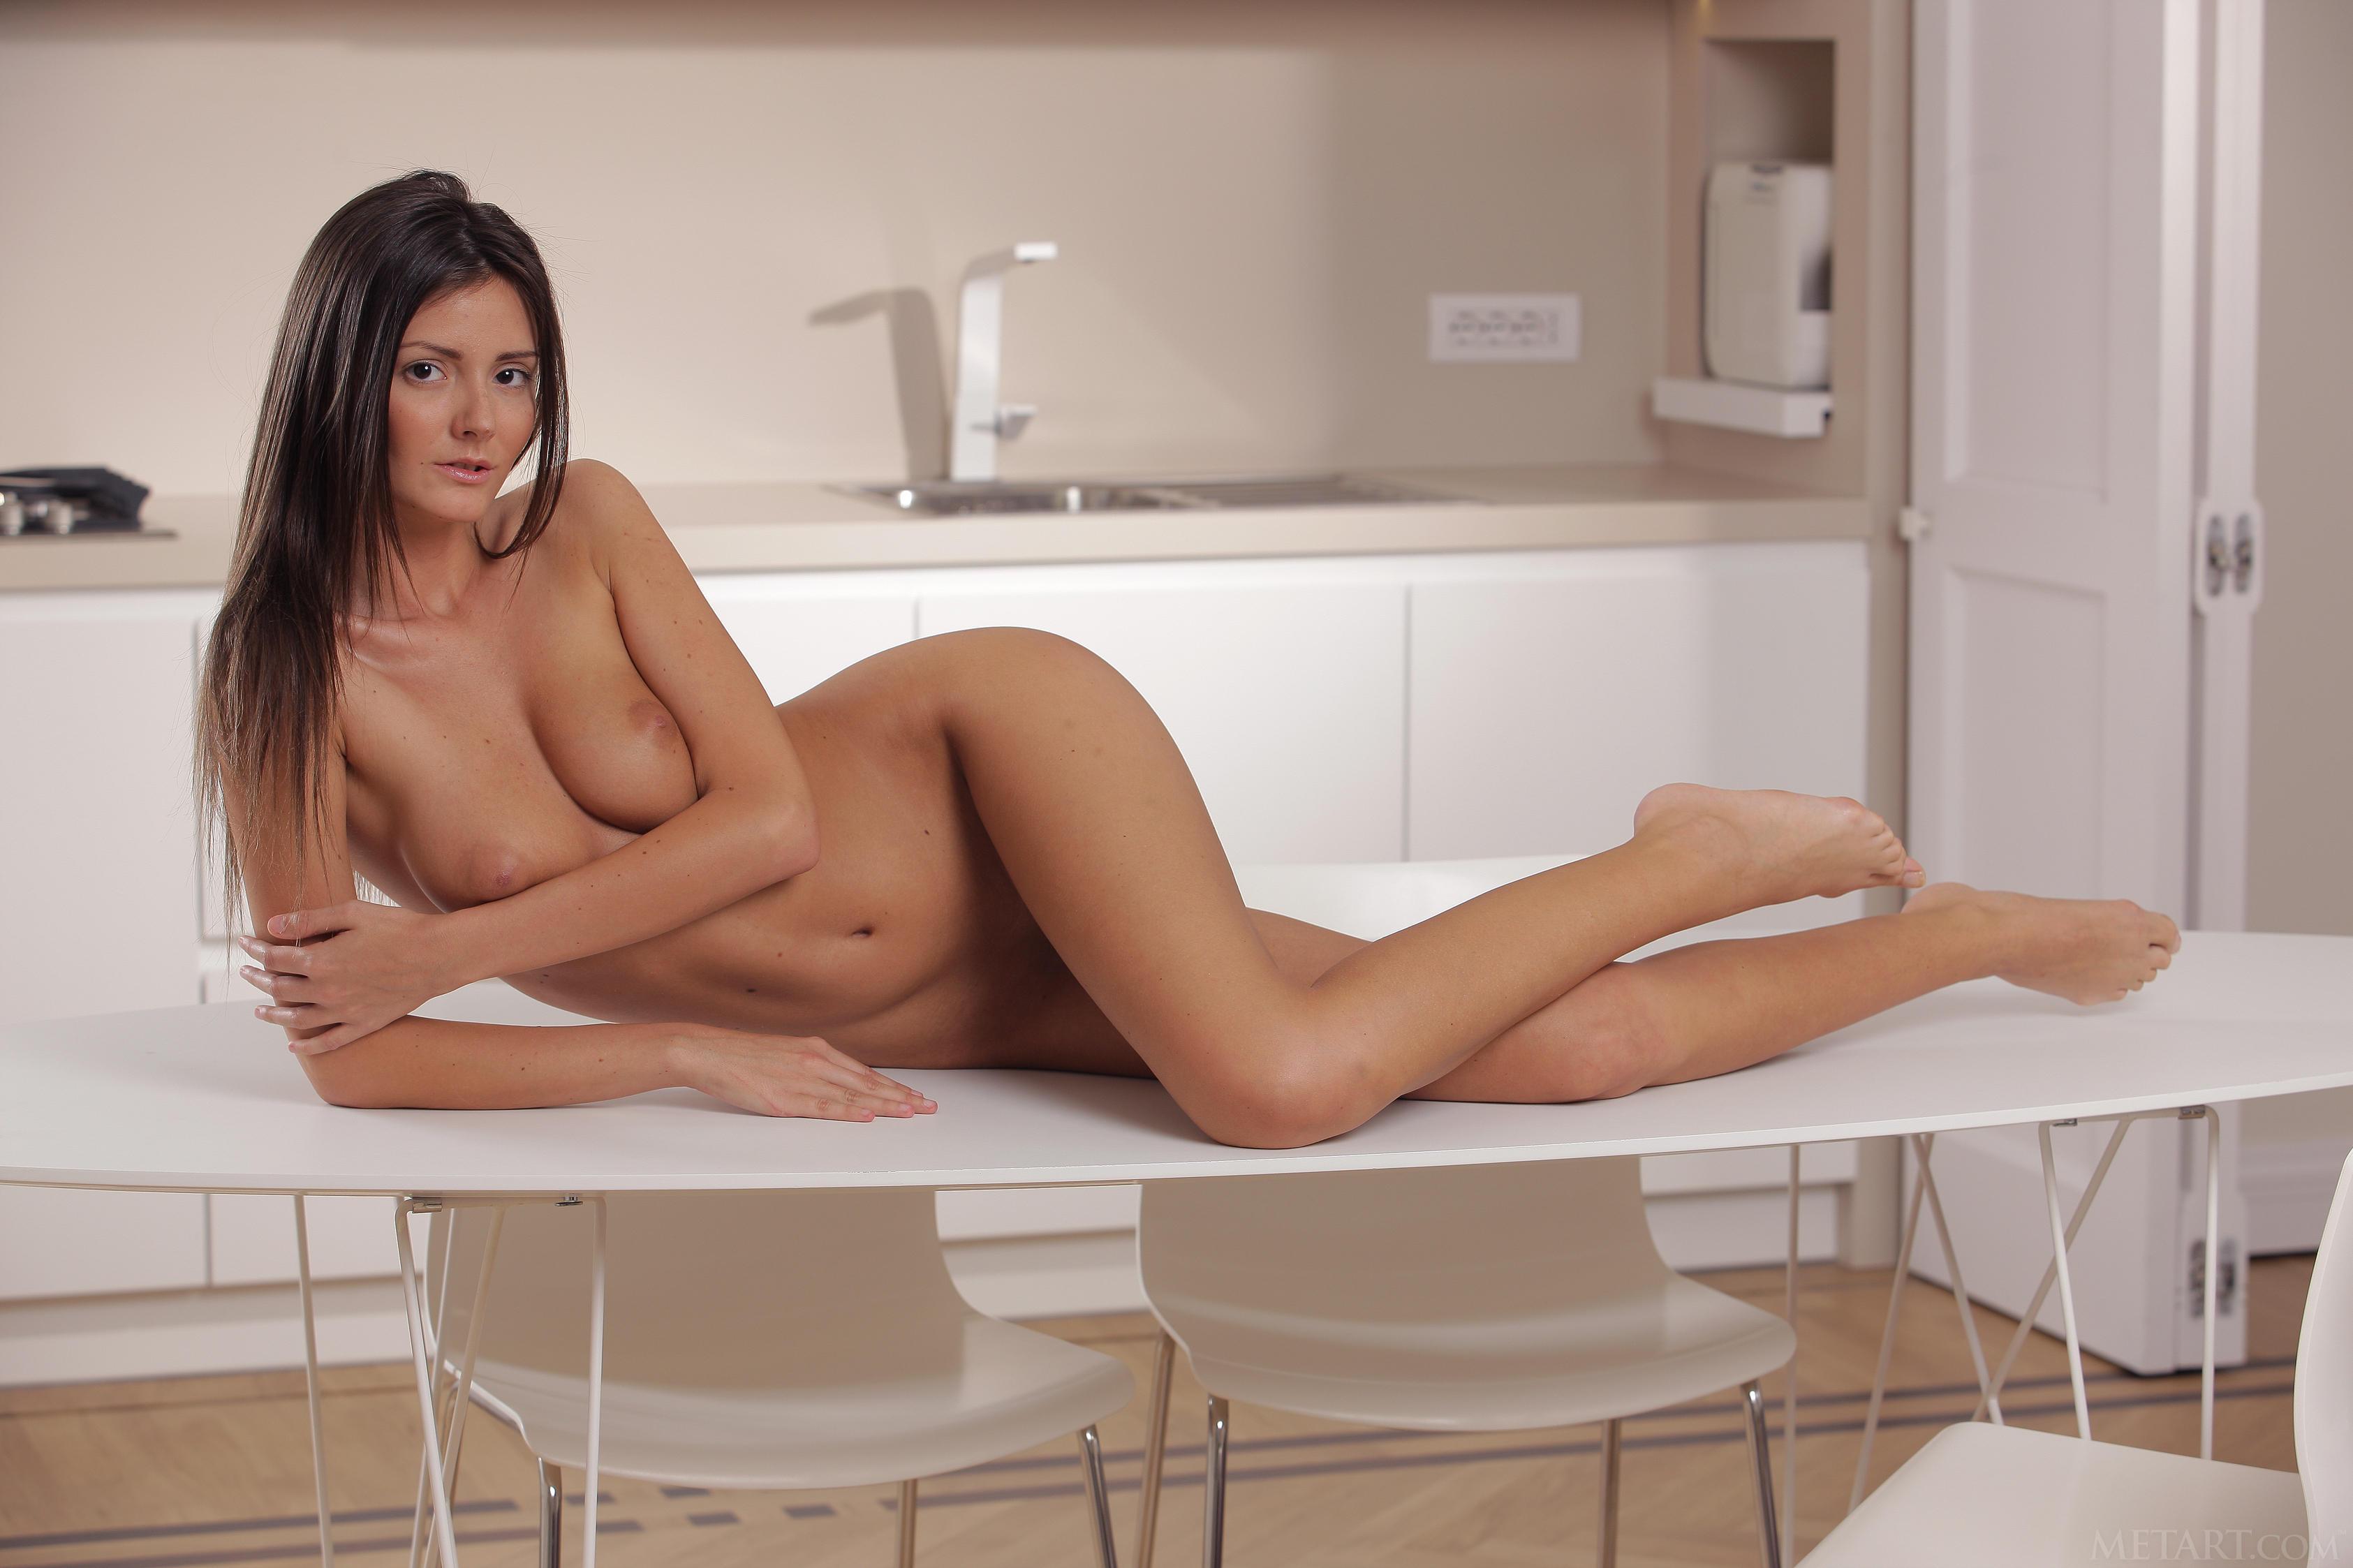 Amateur naked beauty enjoying the sunshine outdoor